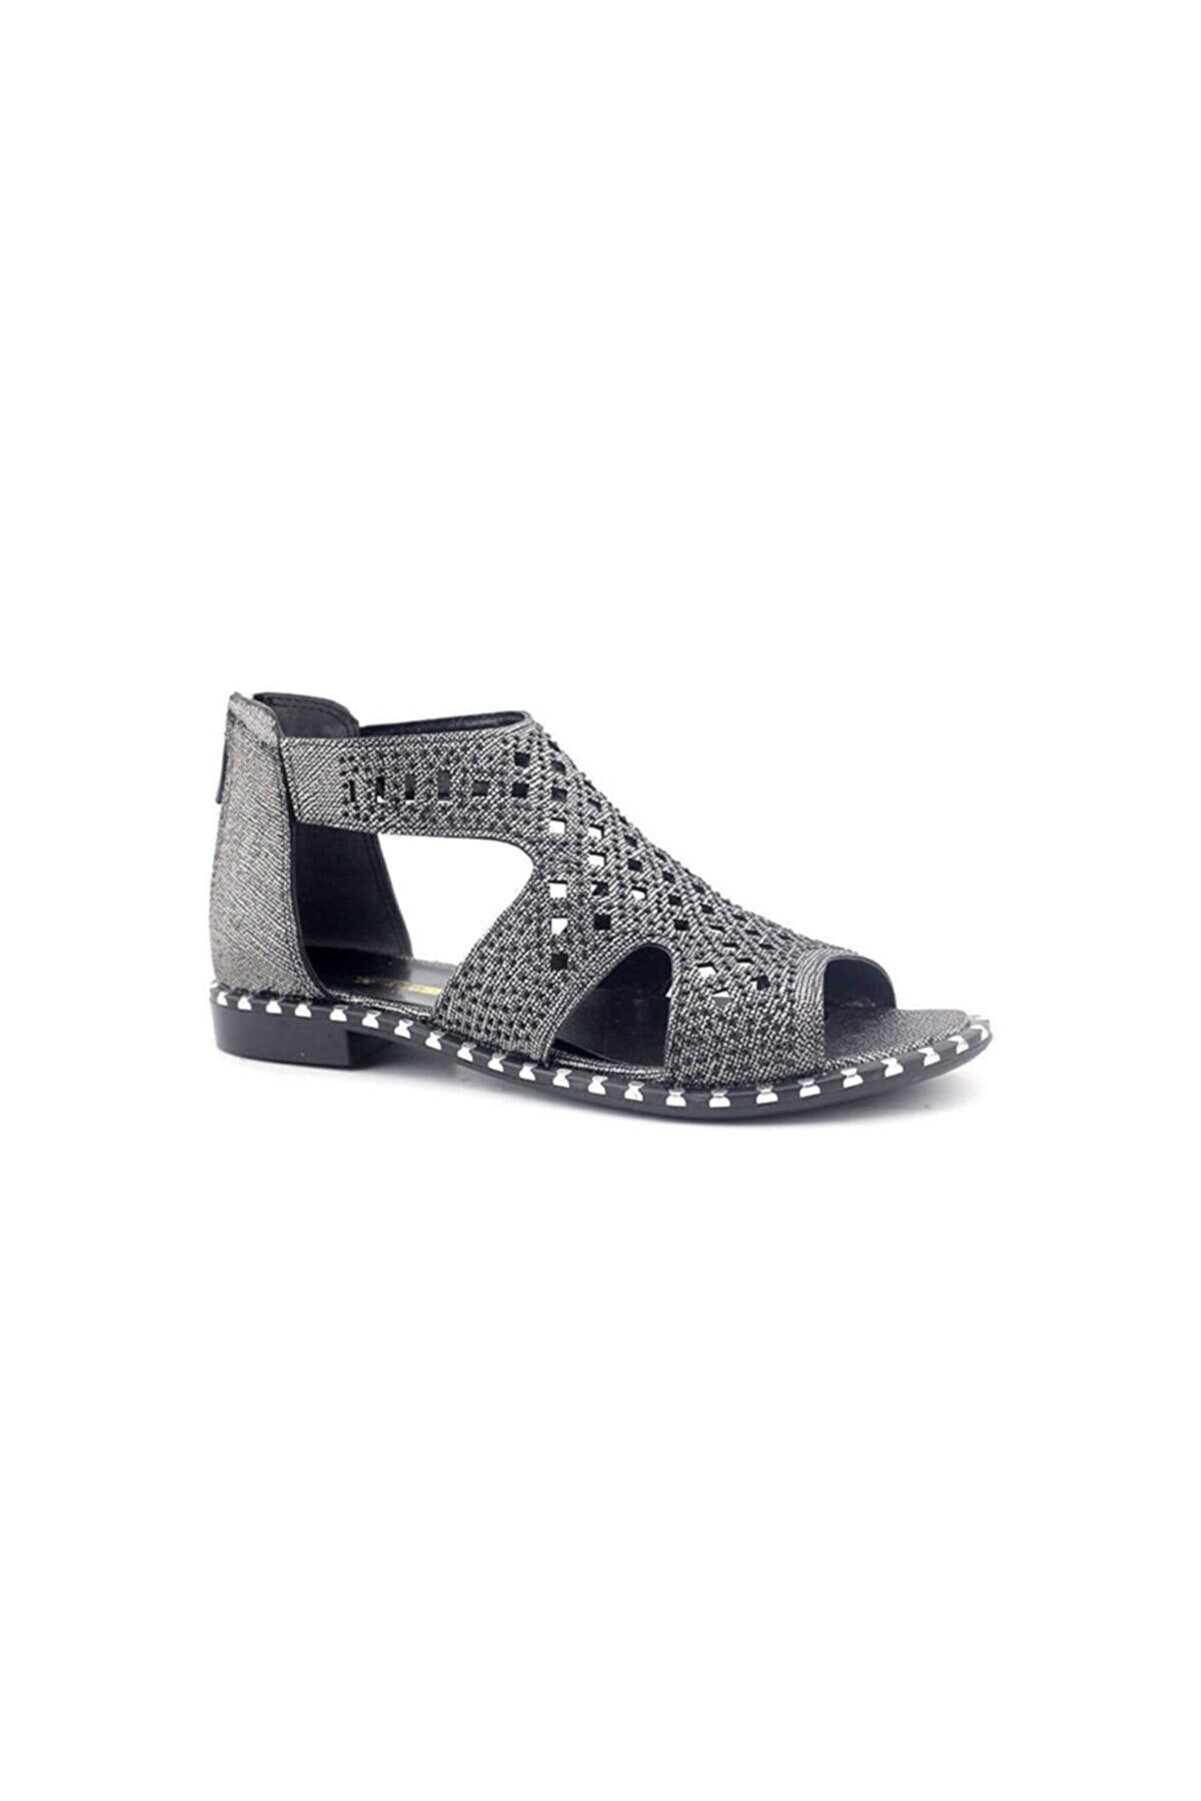 PUNTO 667108 Kadın Sandalet-platin